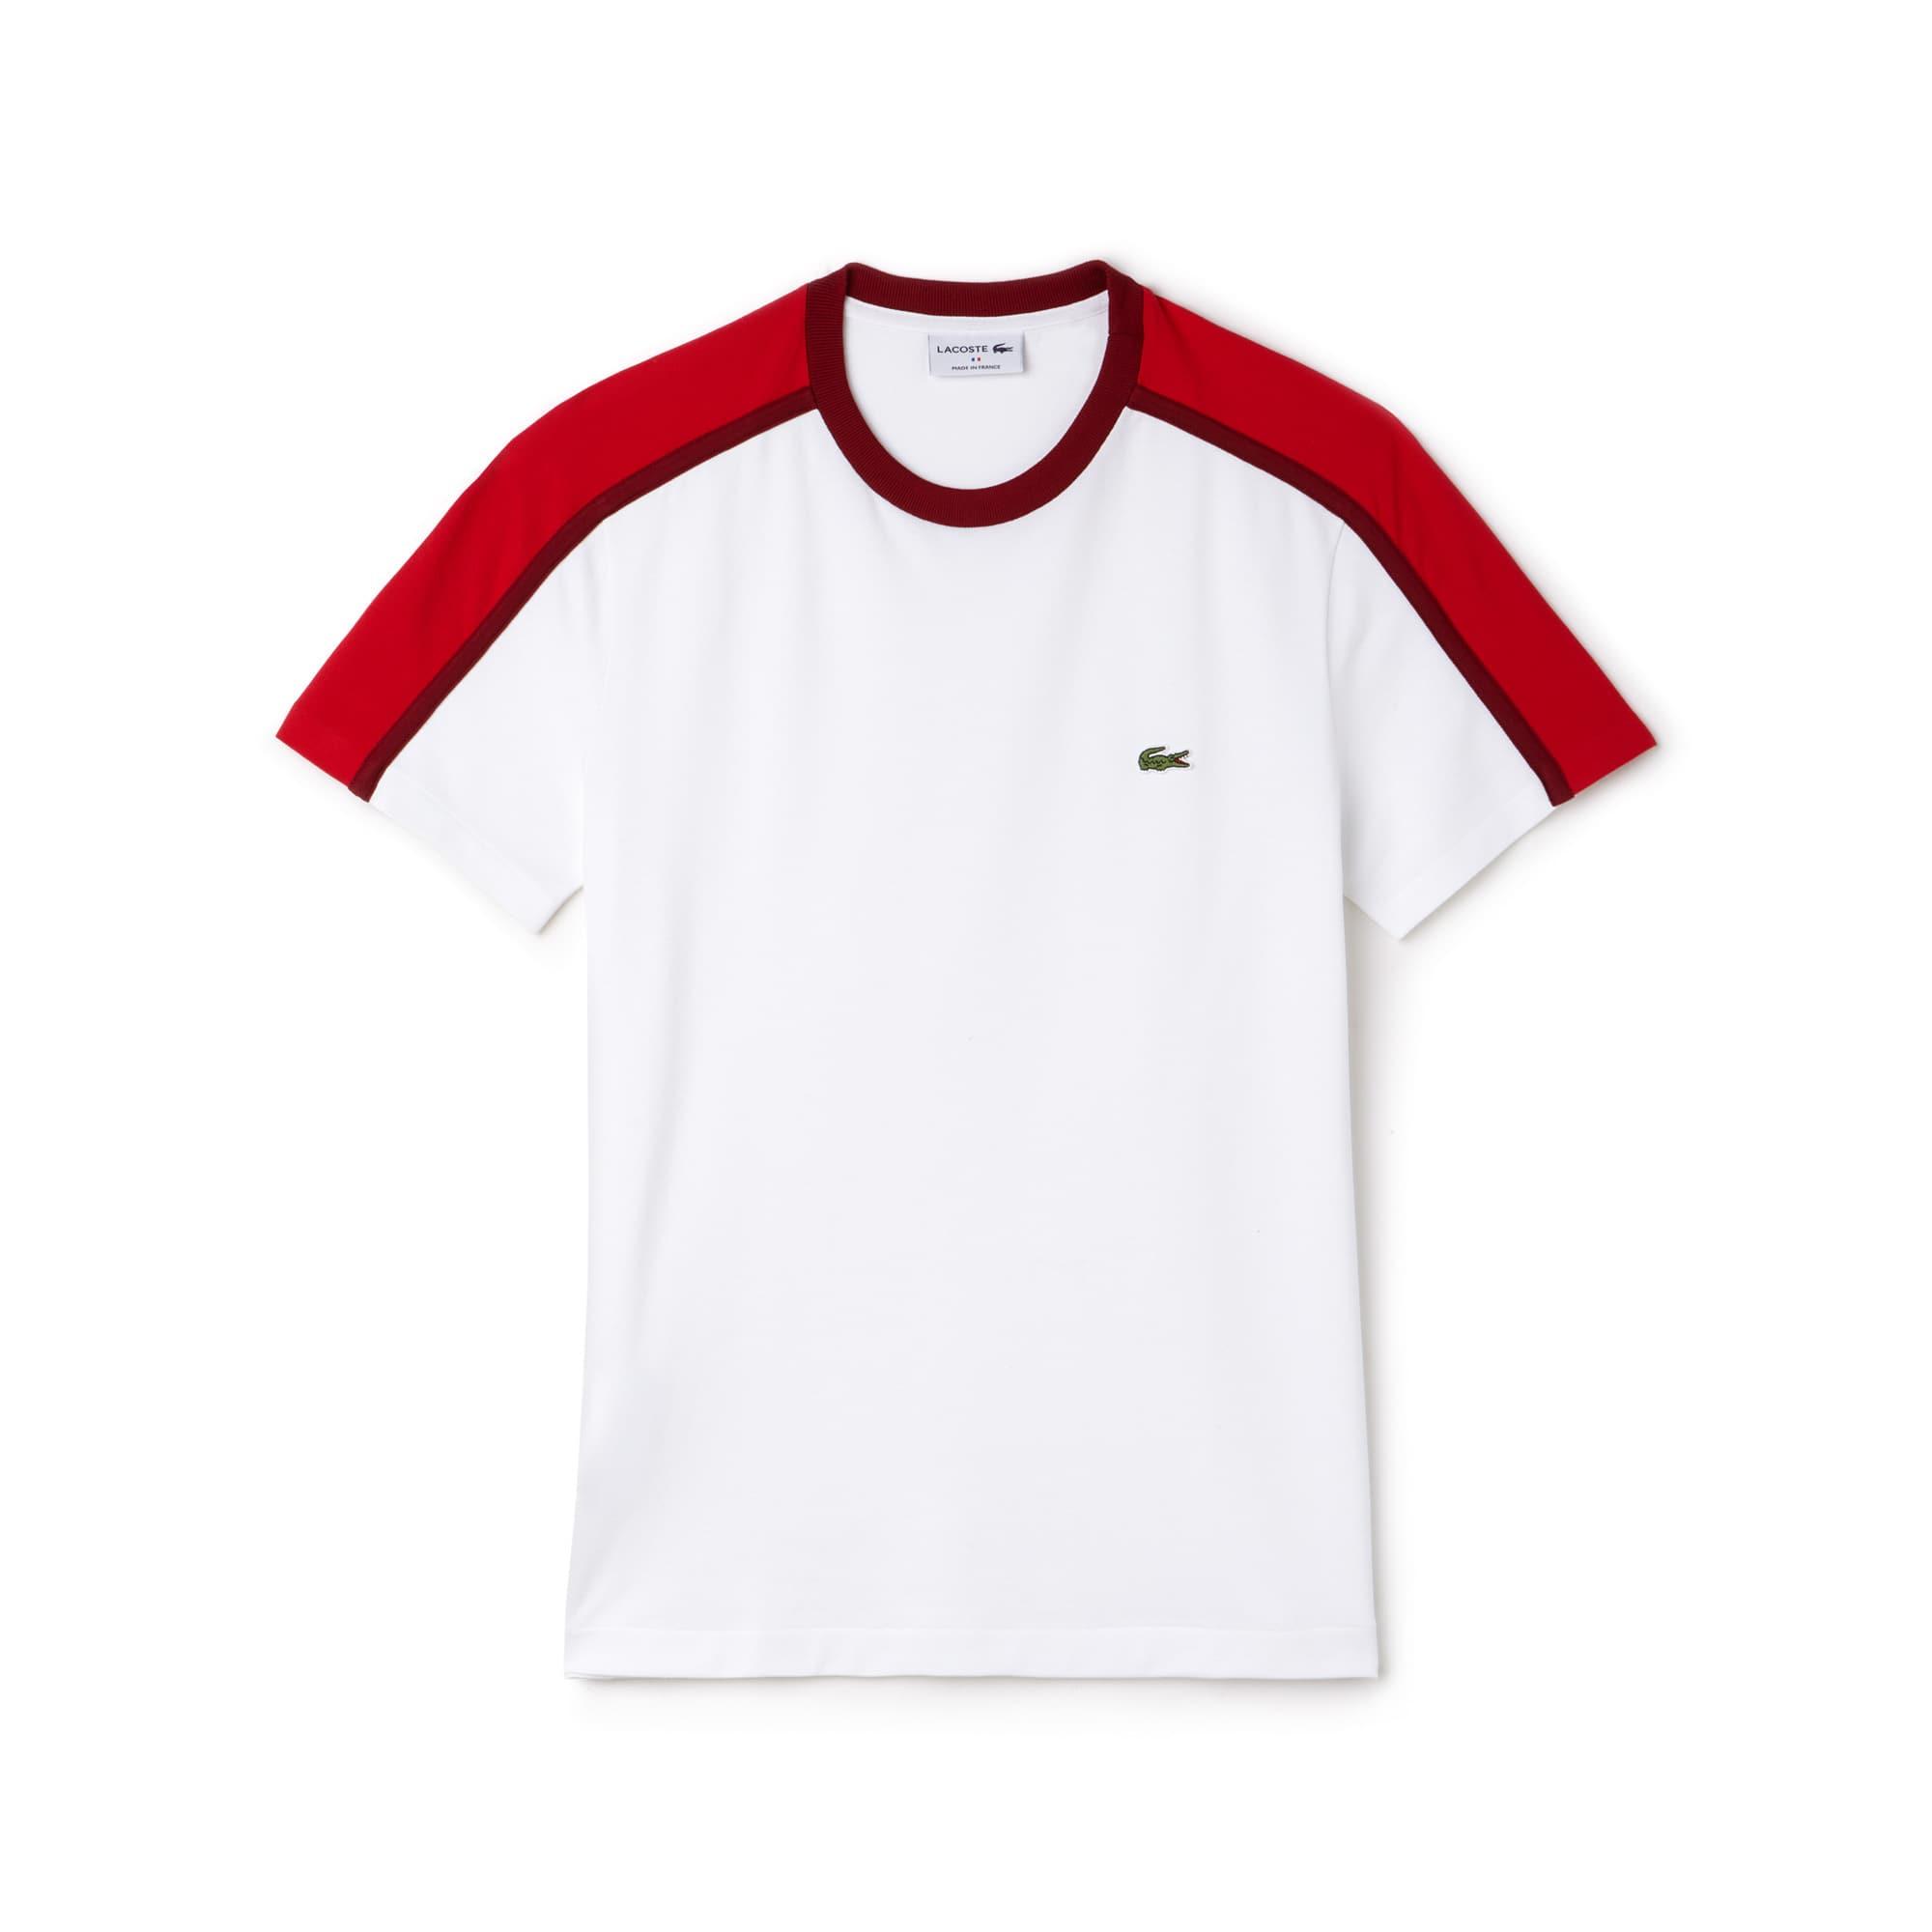 Herren Made in France Rundhals T-Shirt mit Colorblocks